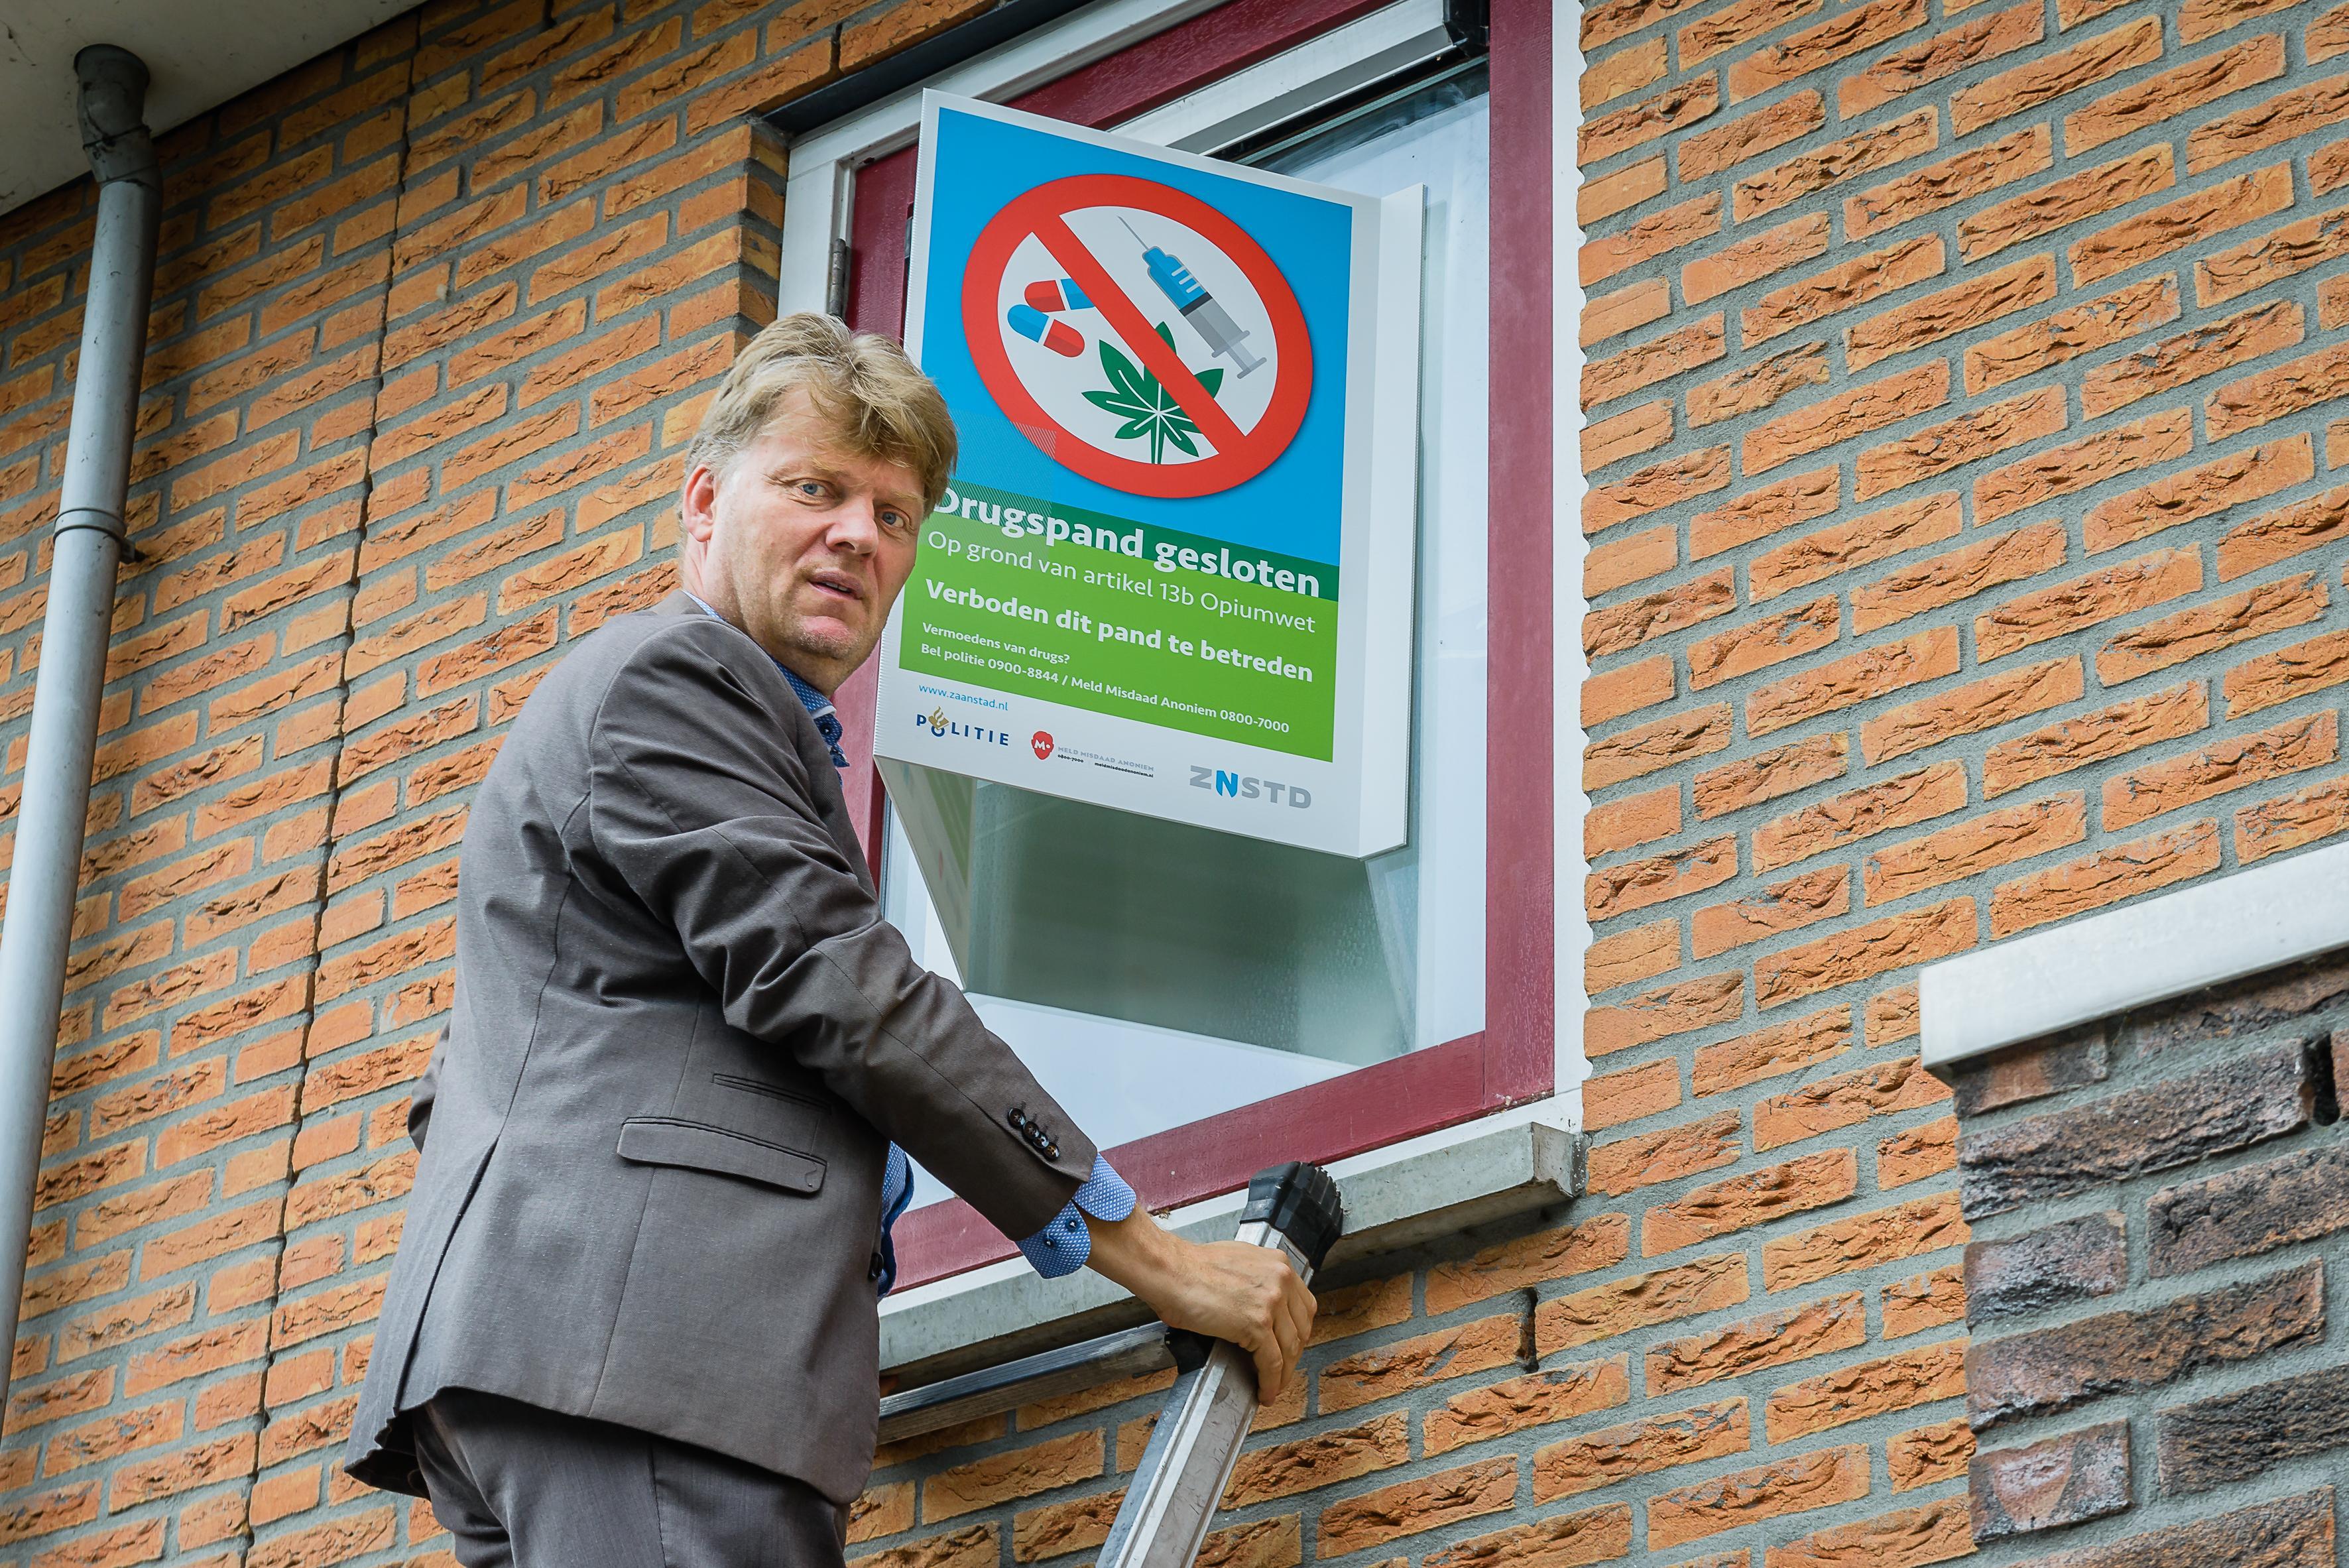 Wormerveerse ondernemer Ron ten Broek 'enorm opgelucht'. Burgemeester zet hem toch niet zijn huis uit. 'Laat dit een goede les zijn voor de gemeente'